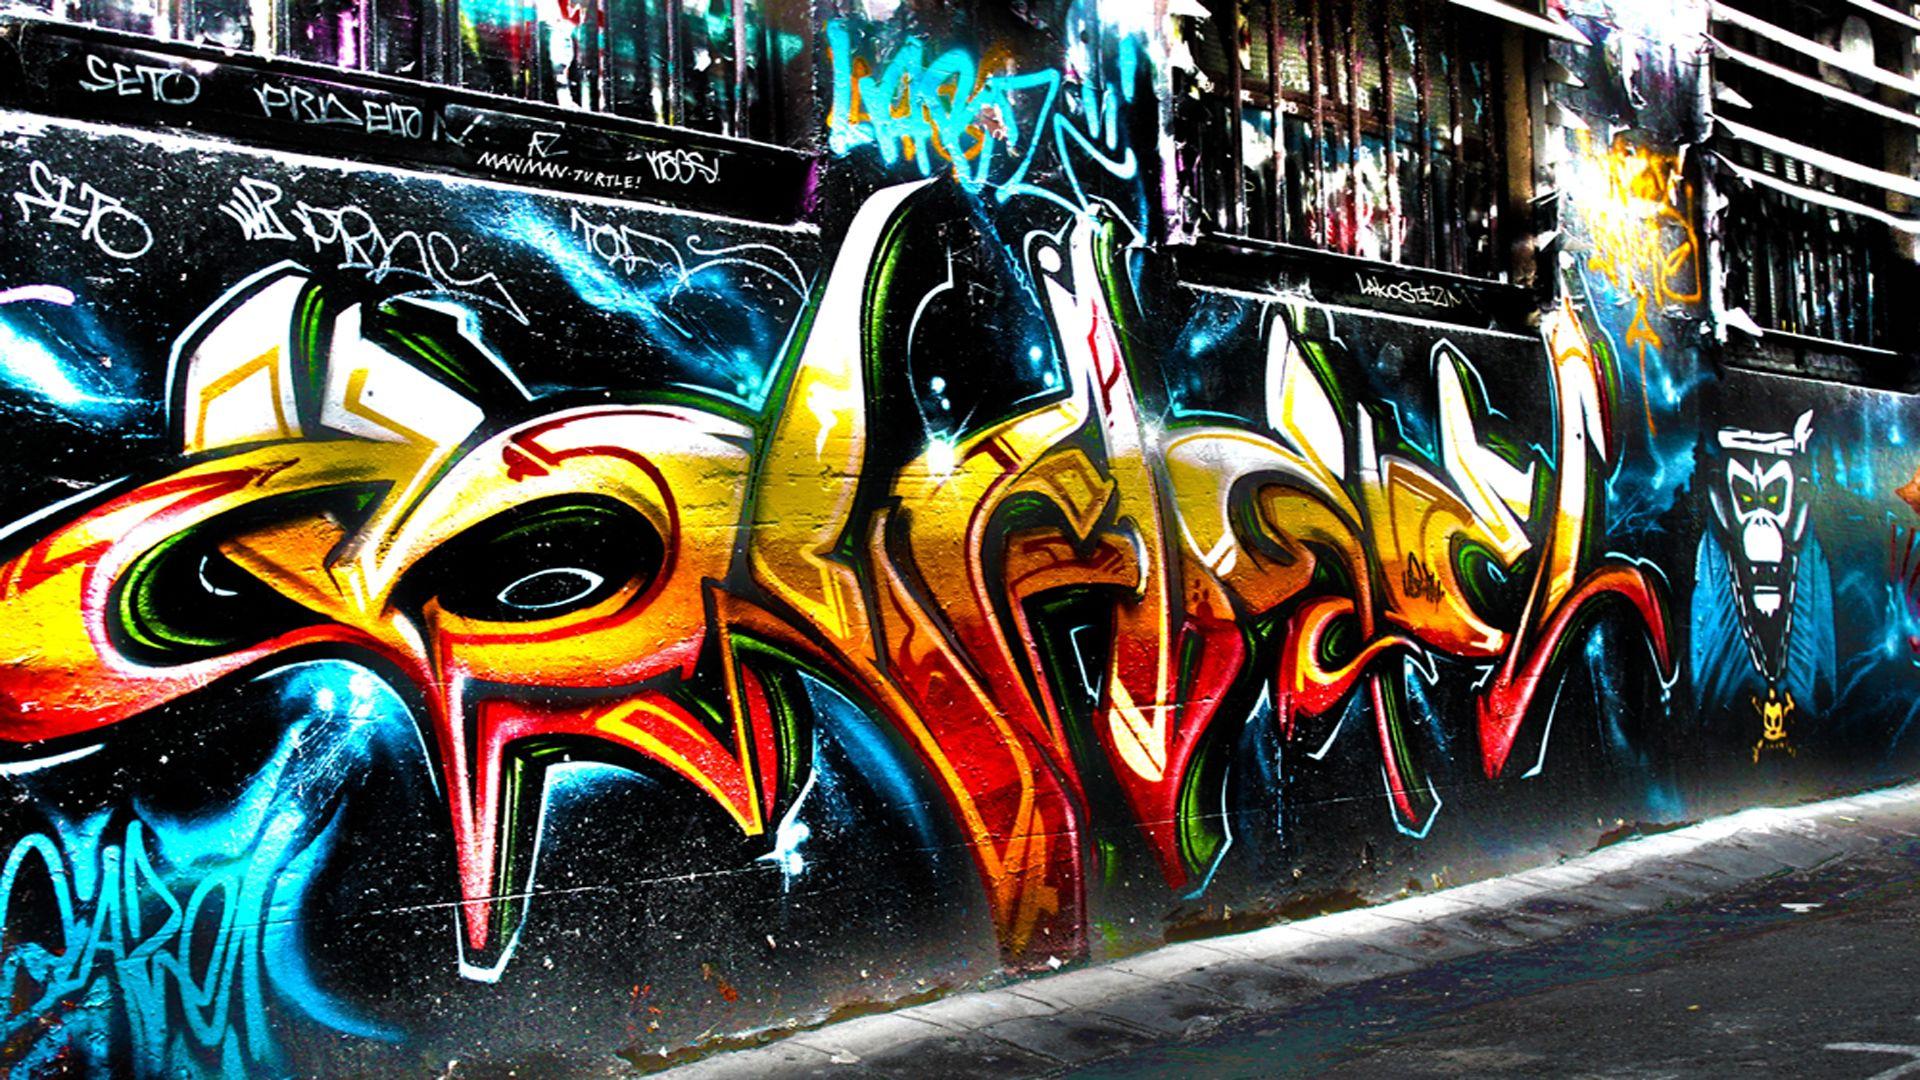 Graffiti art wallpaper - Cool Graffiti Art Wallpaper Free Download Graffiti Wallpaper Graffiti And Wallpaper